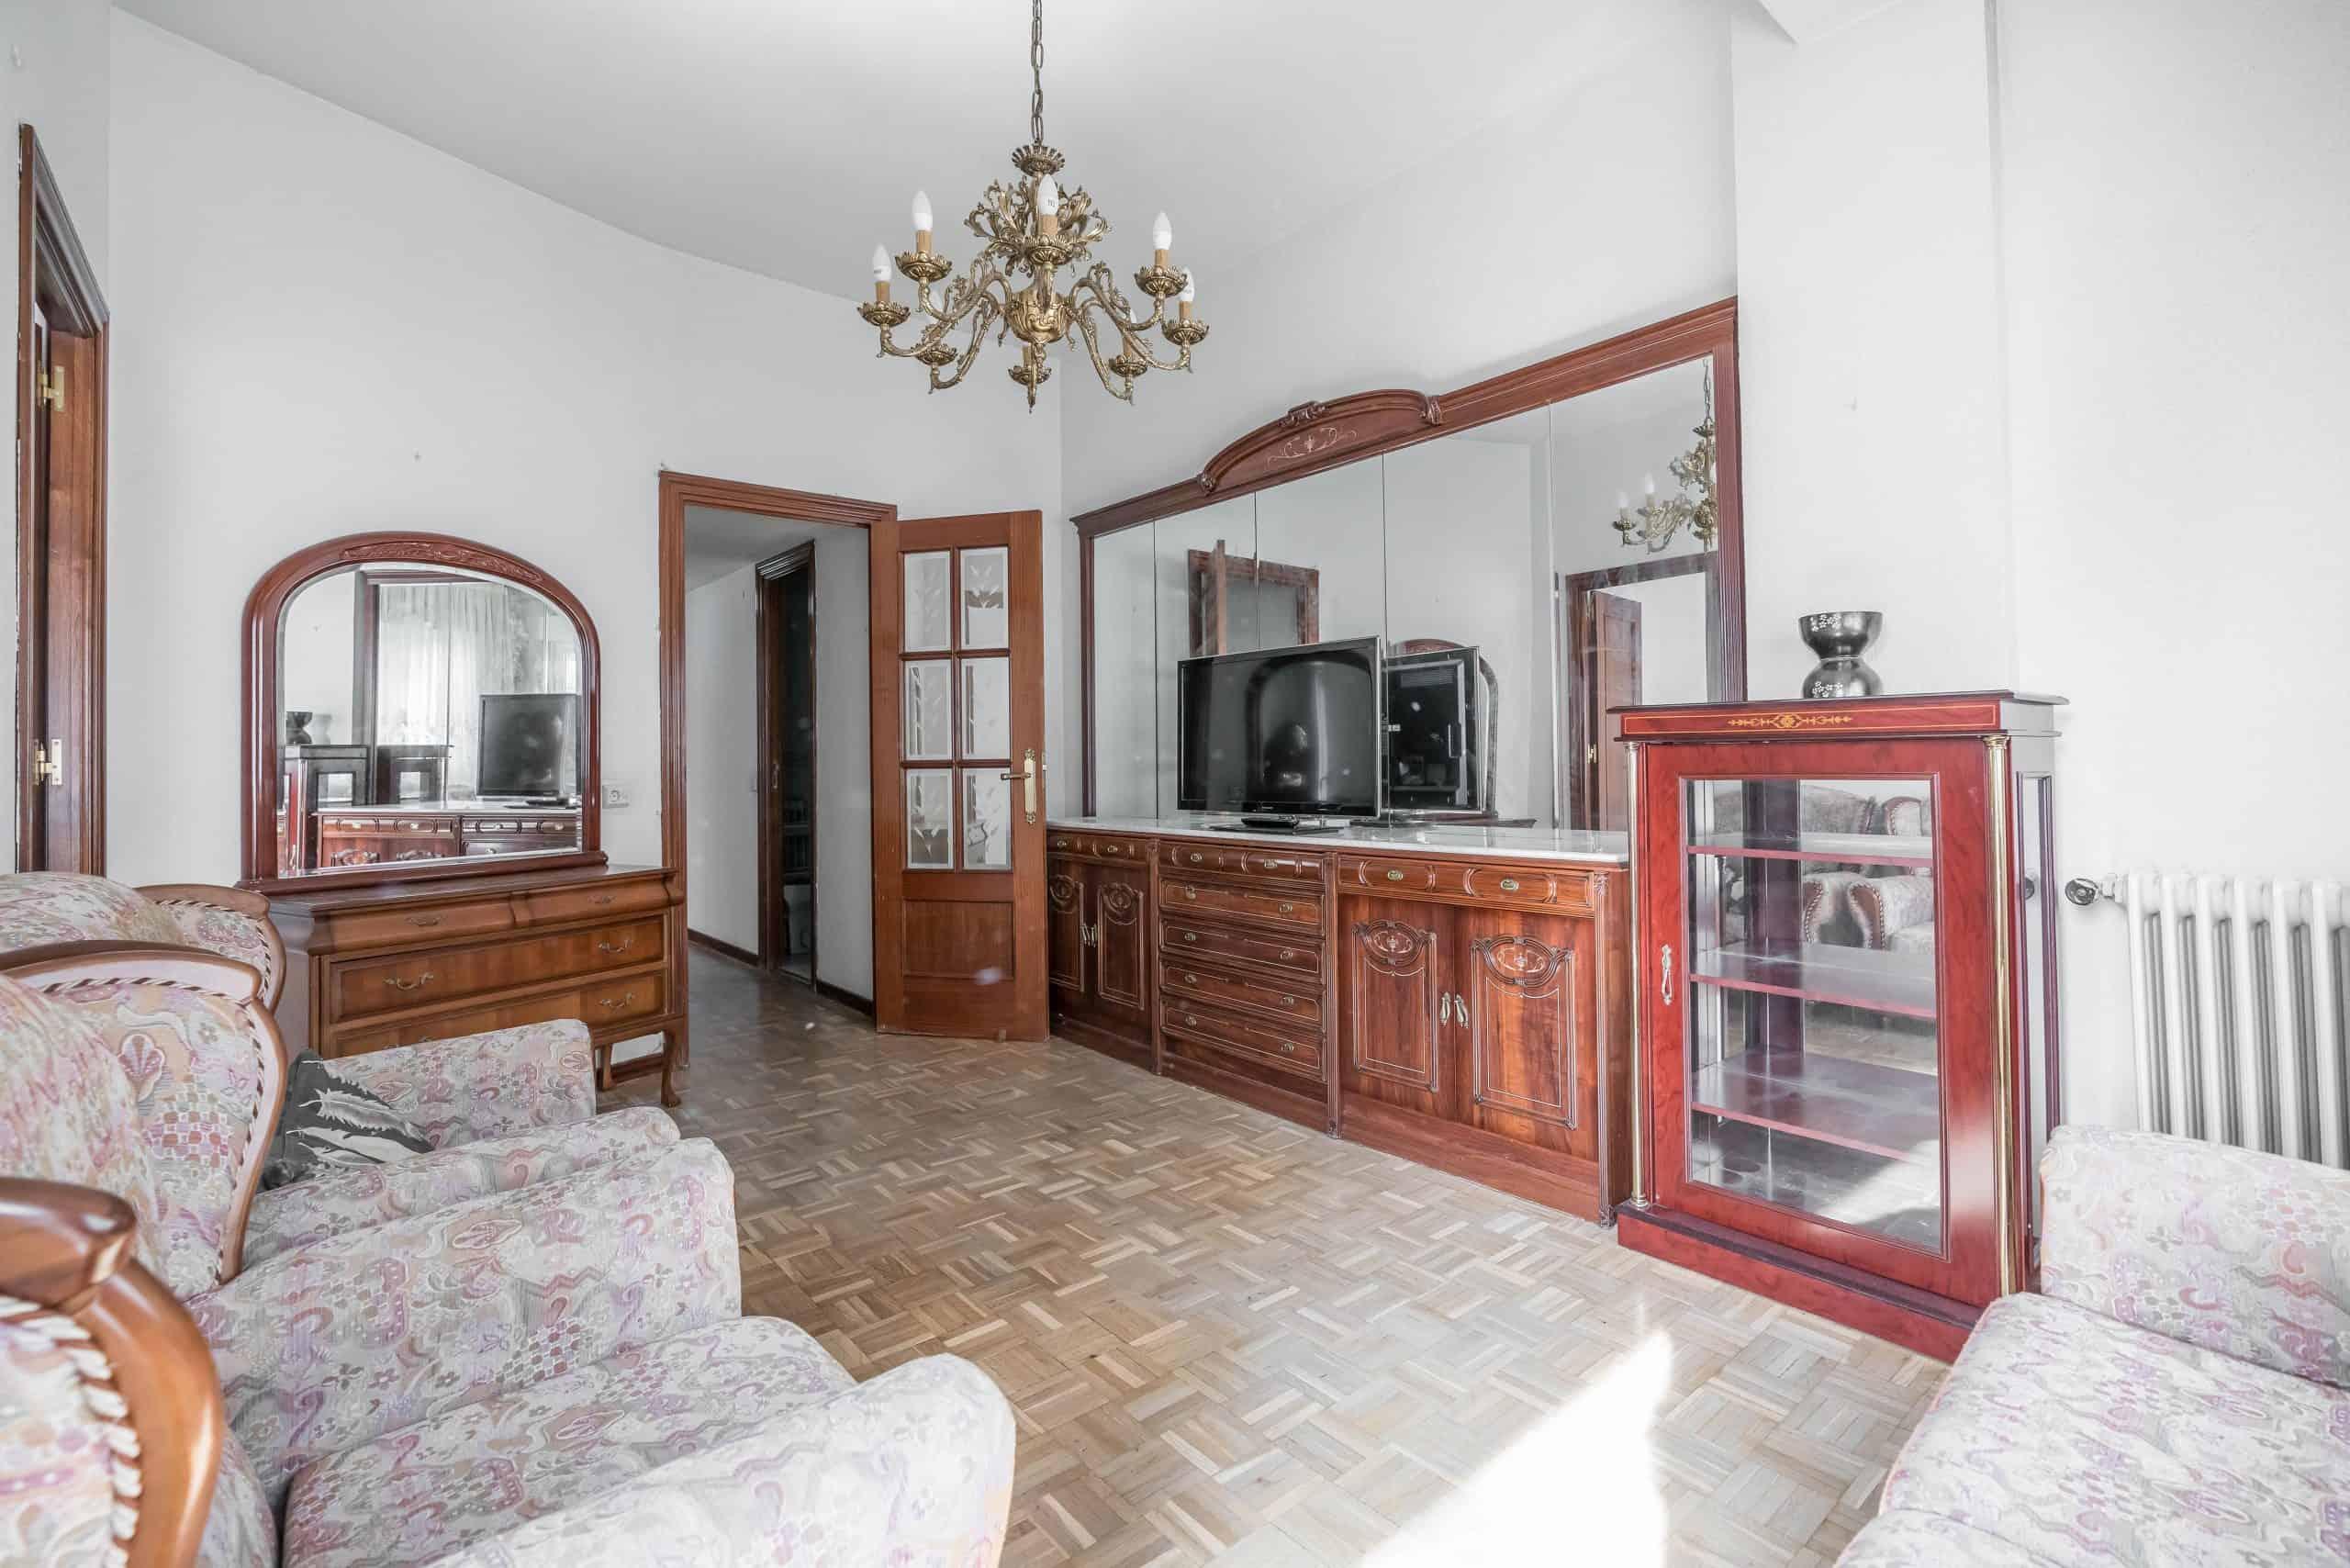 Agencia Inmobiliaria de Madrid-FUTUROCASA-Zona ARGANZUELA-LEGAZPI -calle Jaime Conquistador 48- salón 4